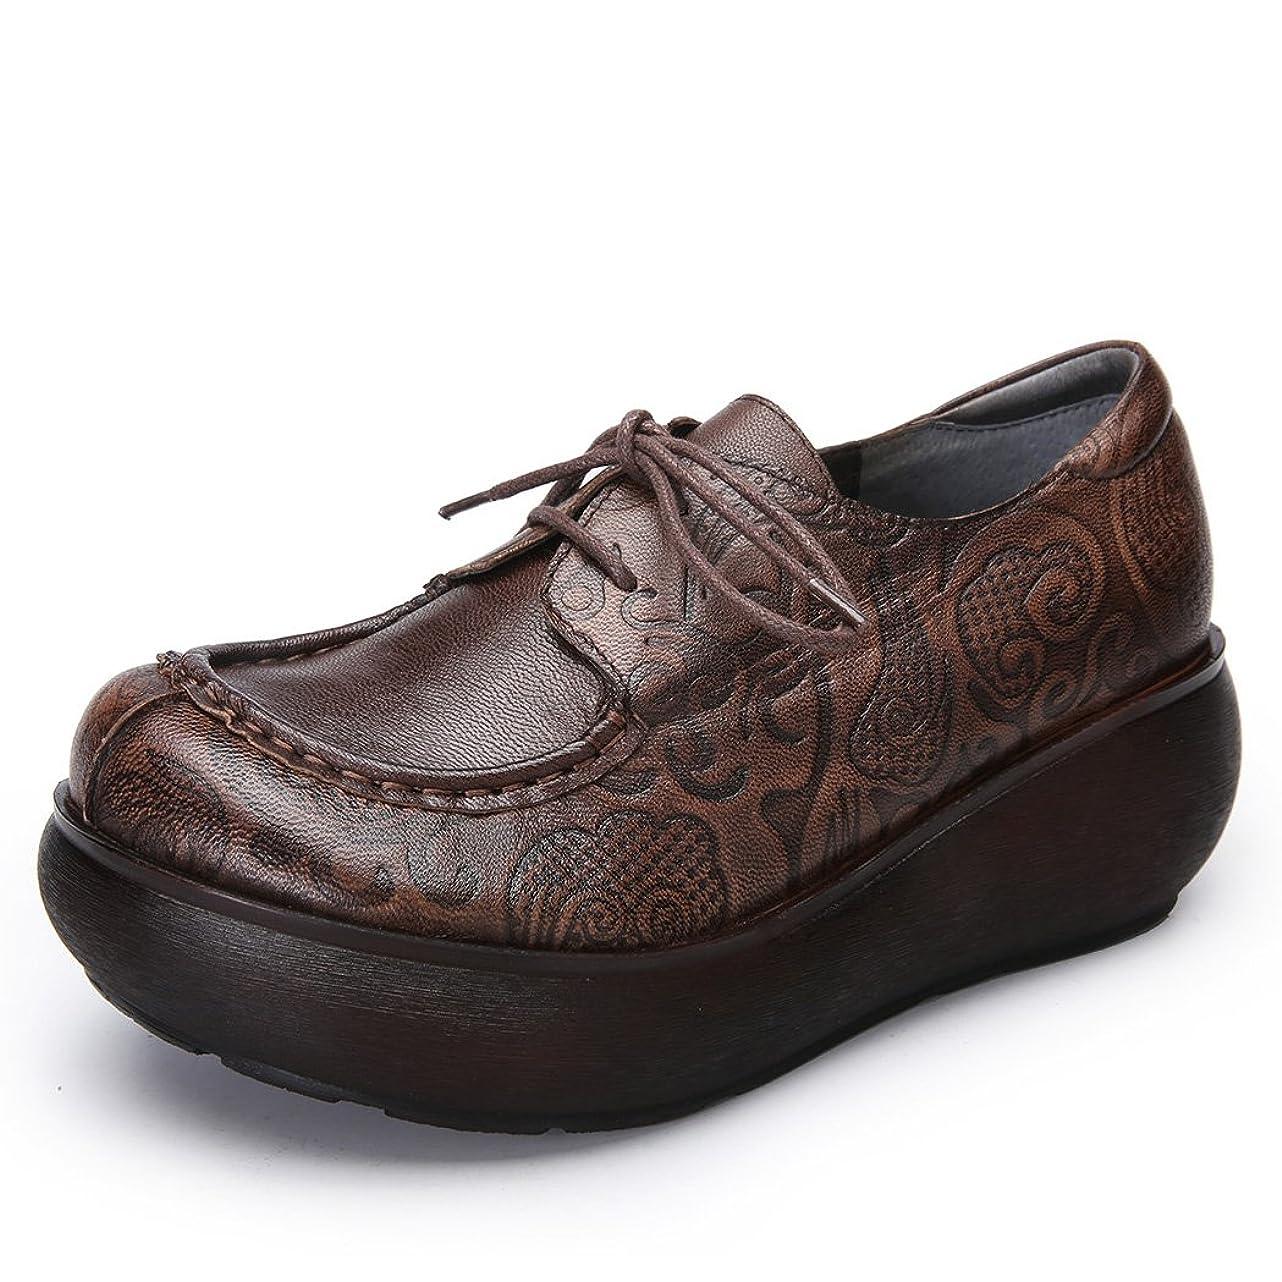 エール相続人受け皿[Maysky] レースアップ 花柄 絵柄 フラットシューズ 5cm ウェッジソール 羊皮 本革 レザー 厚底 軽量 幅広 コンフォート 4E 婦人靴 レディース ウォーキングシューズ